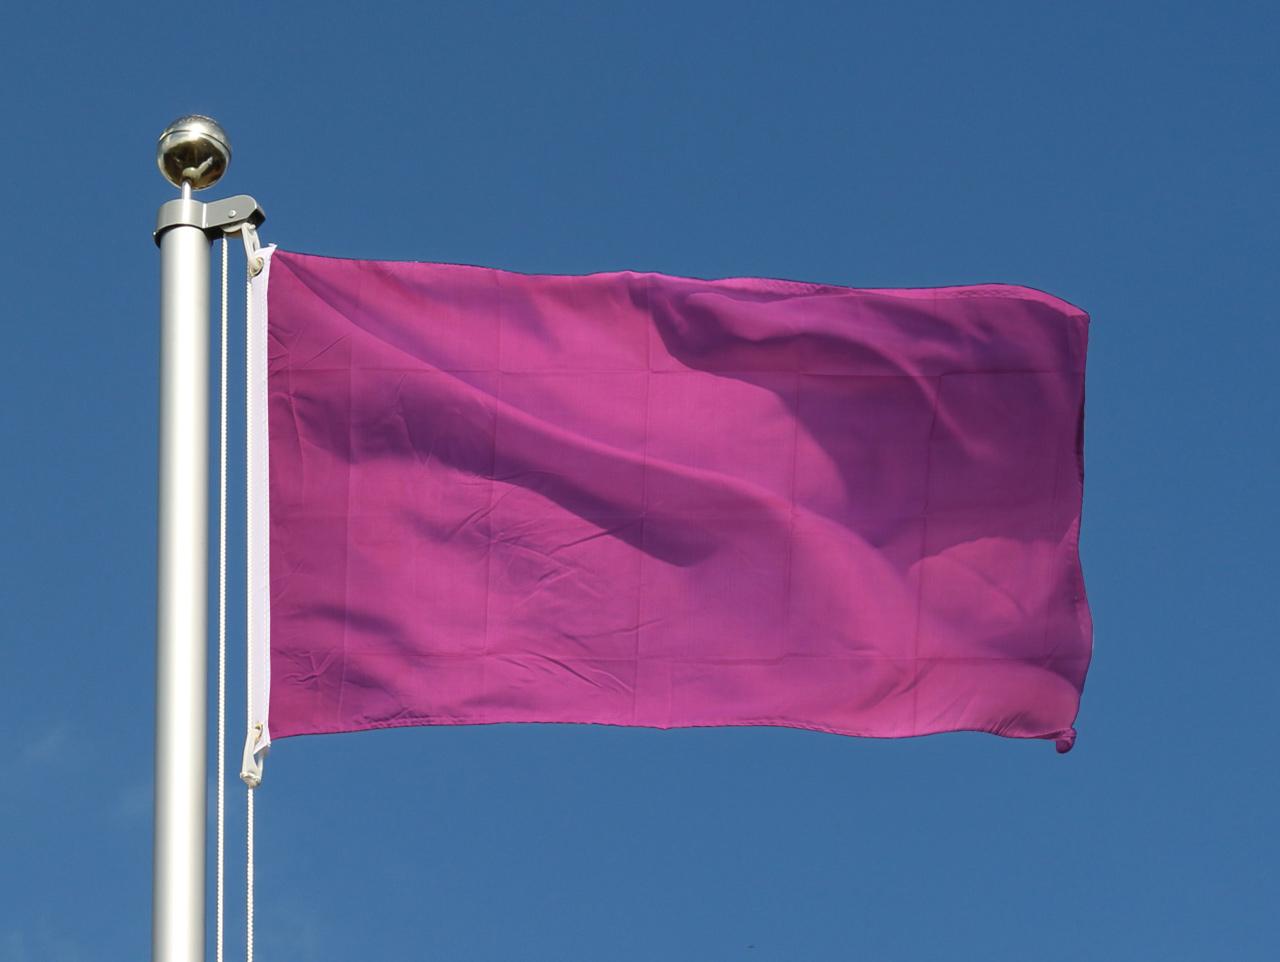 Drapeau pas cher lilas 60 x 90 cm monsieur des drapeaux for Drapeau publicitaire exterieur pas cher